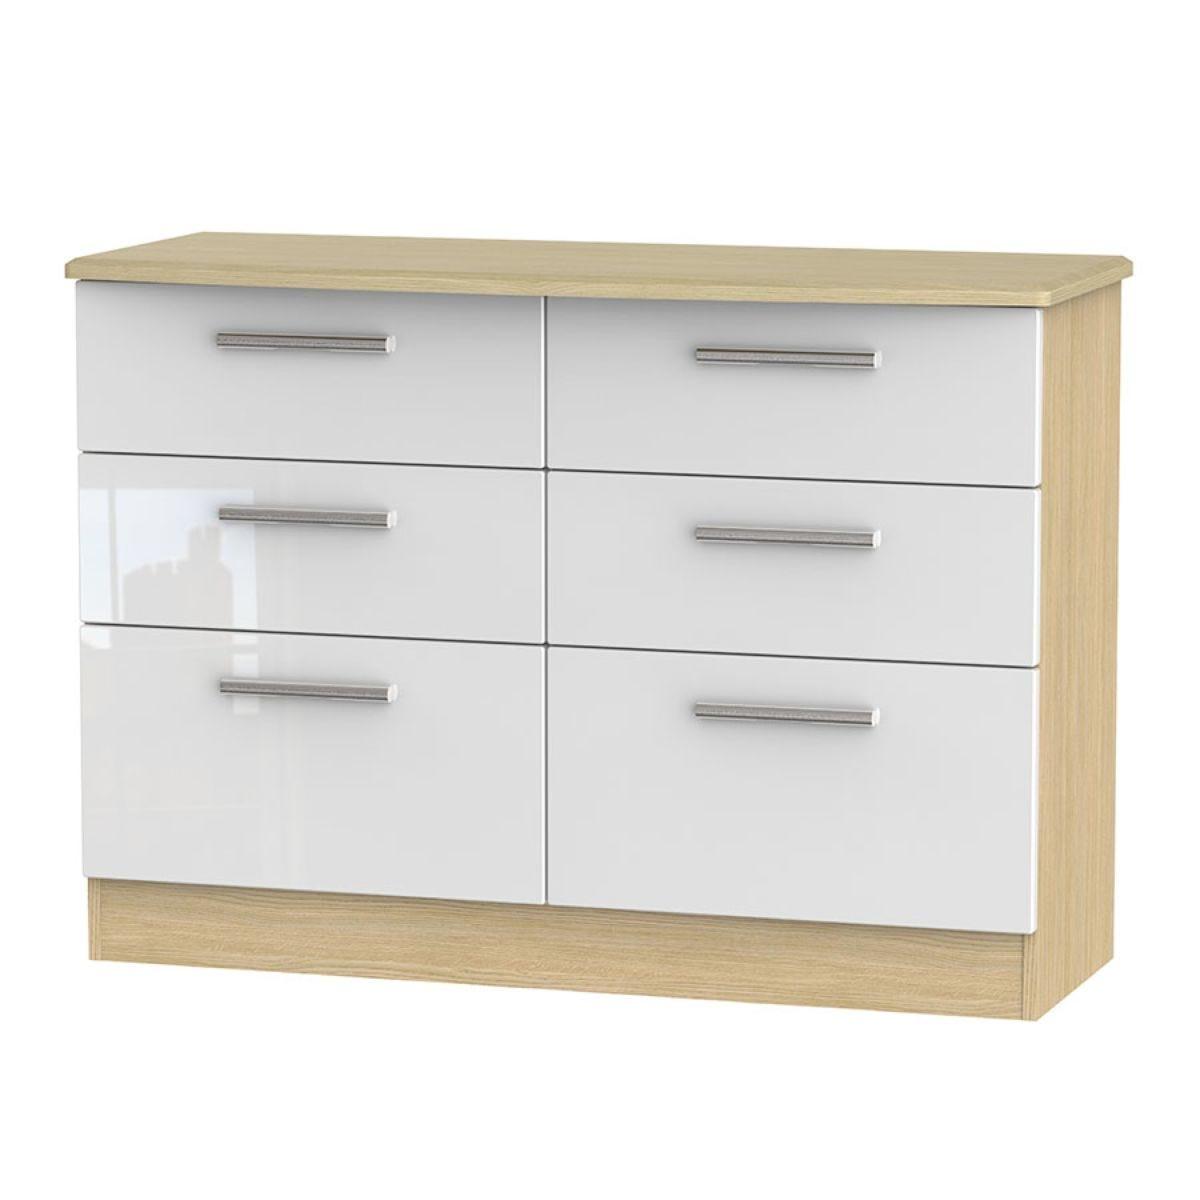 Kirkhill 6-Drawer Midi Chest of Drawers - White Oak